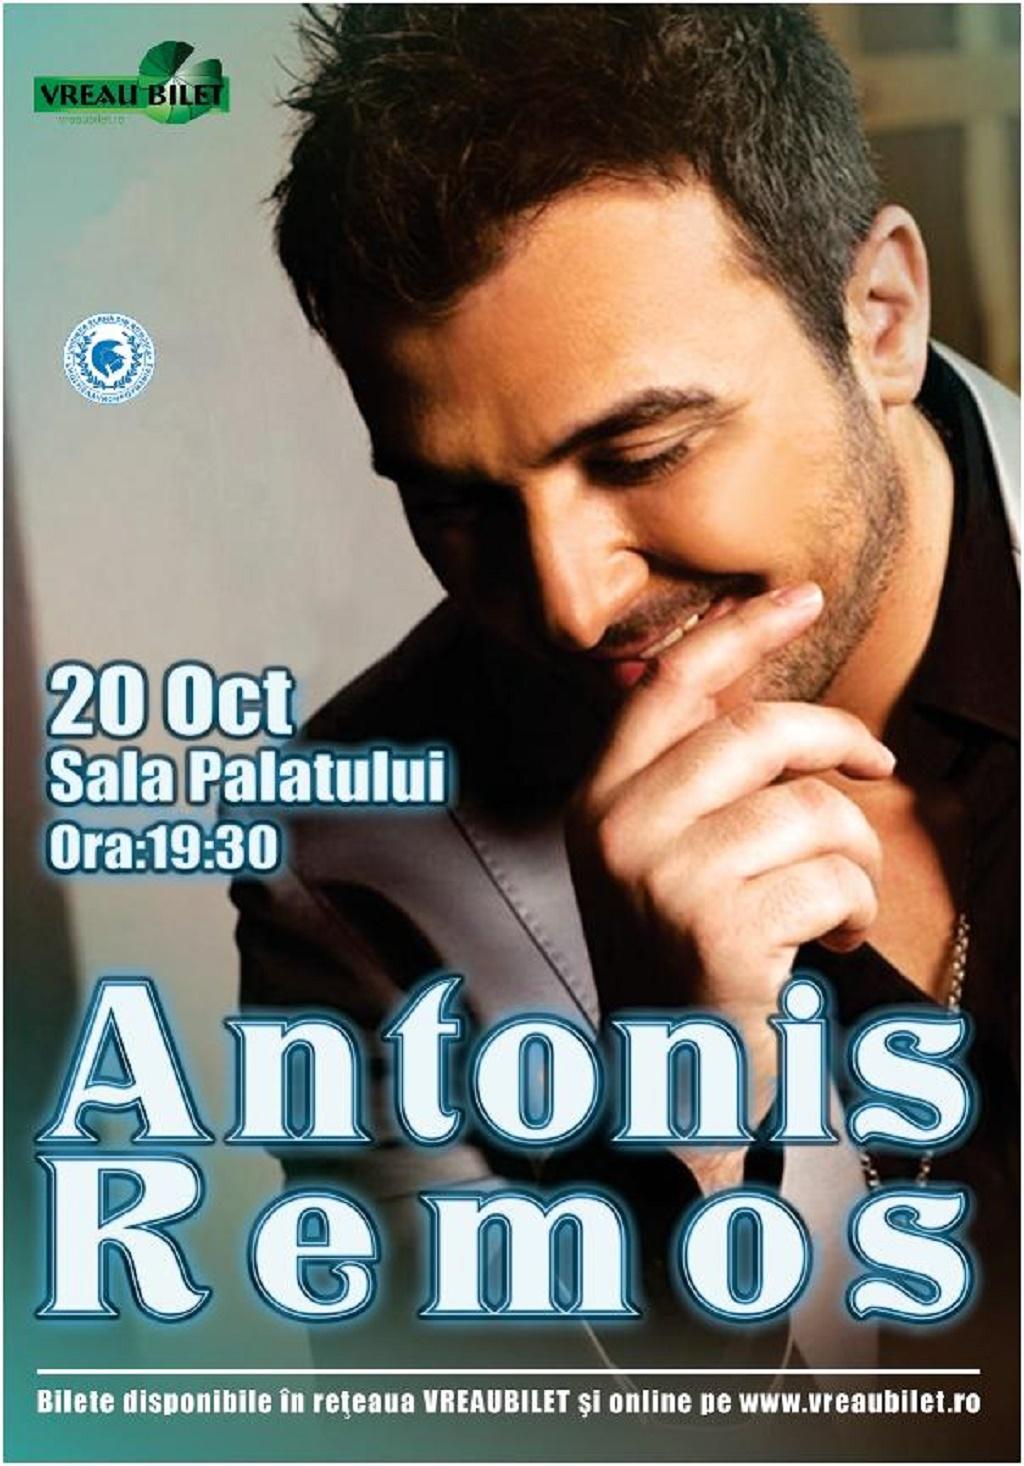 Antonis Remos, celebra voce pop a Greciei, va concerta la Bucuresti